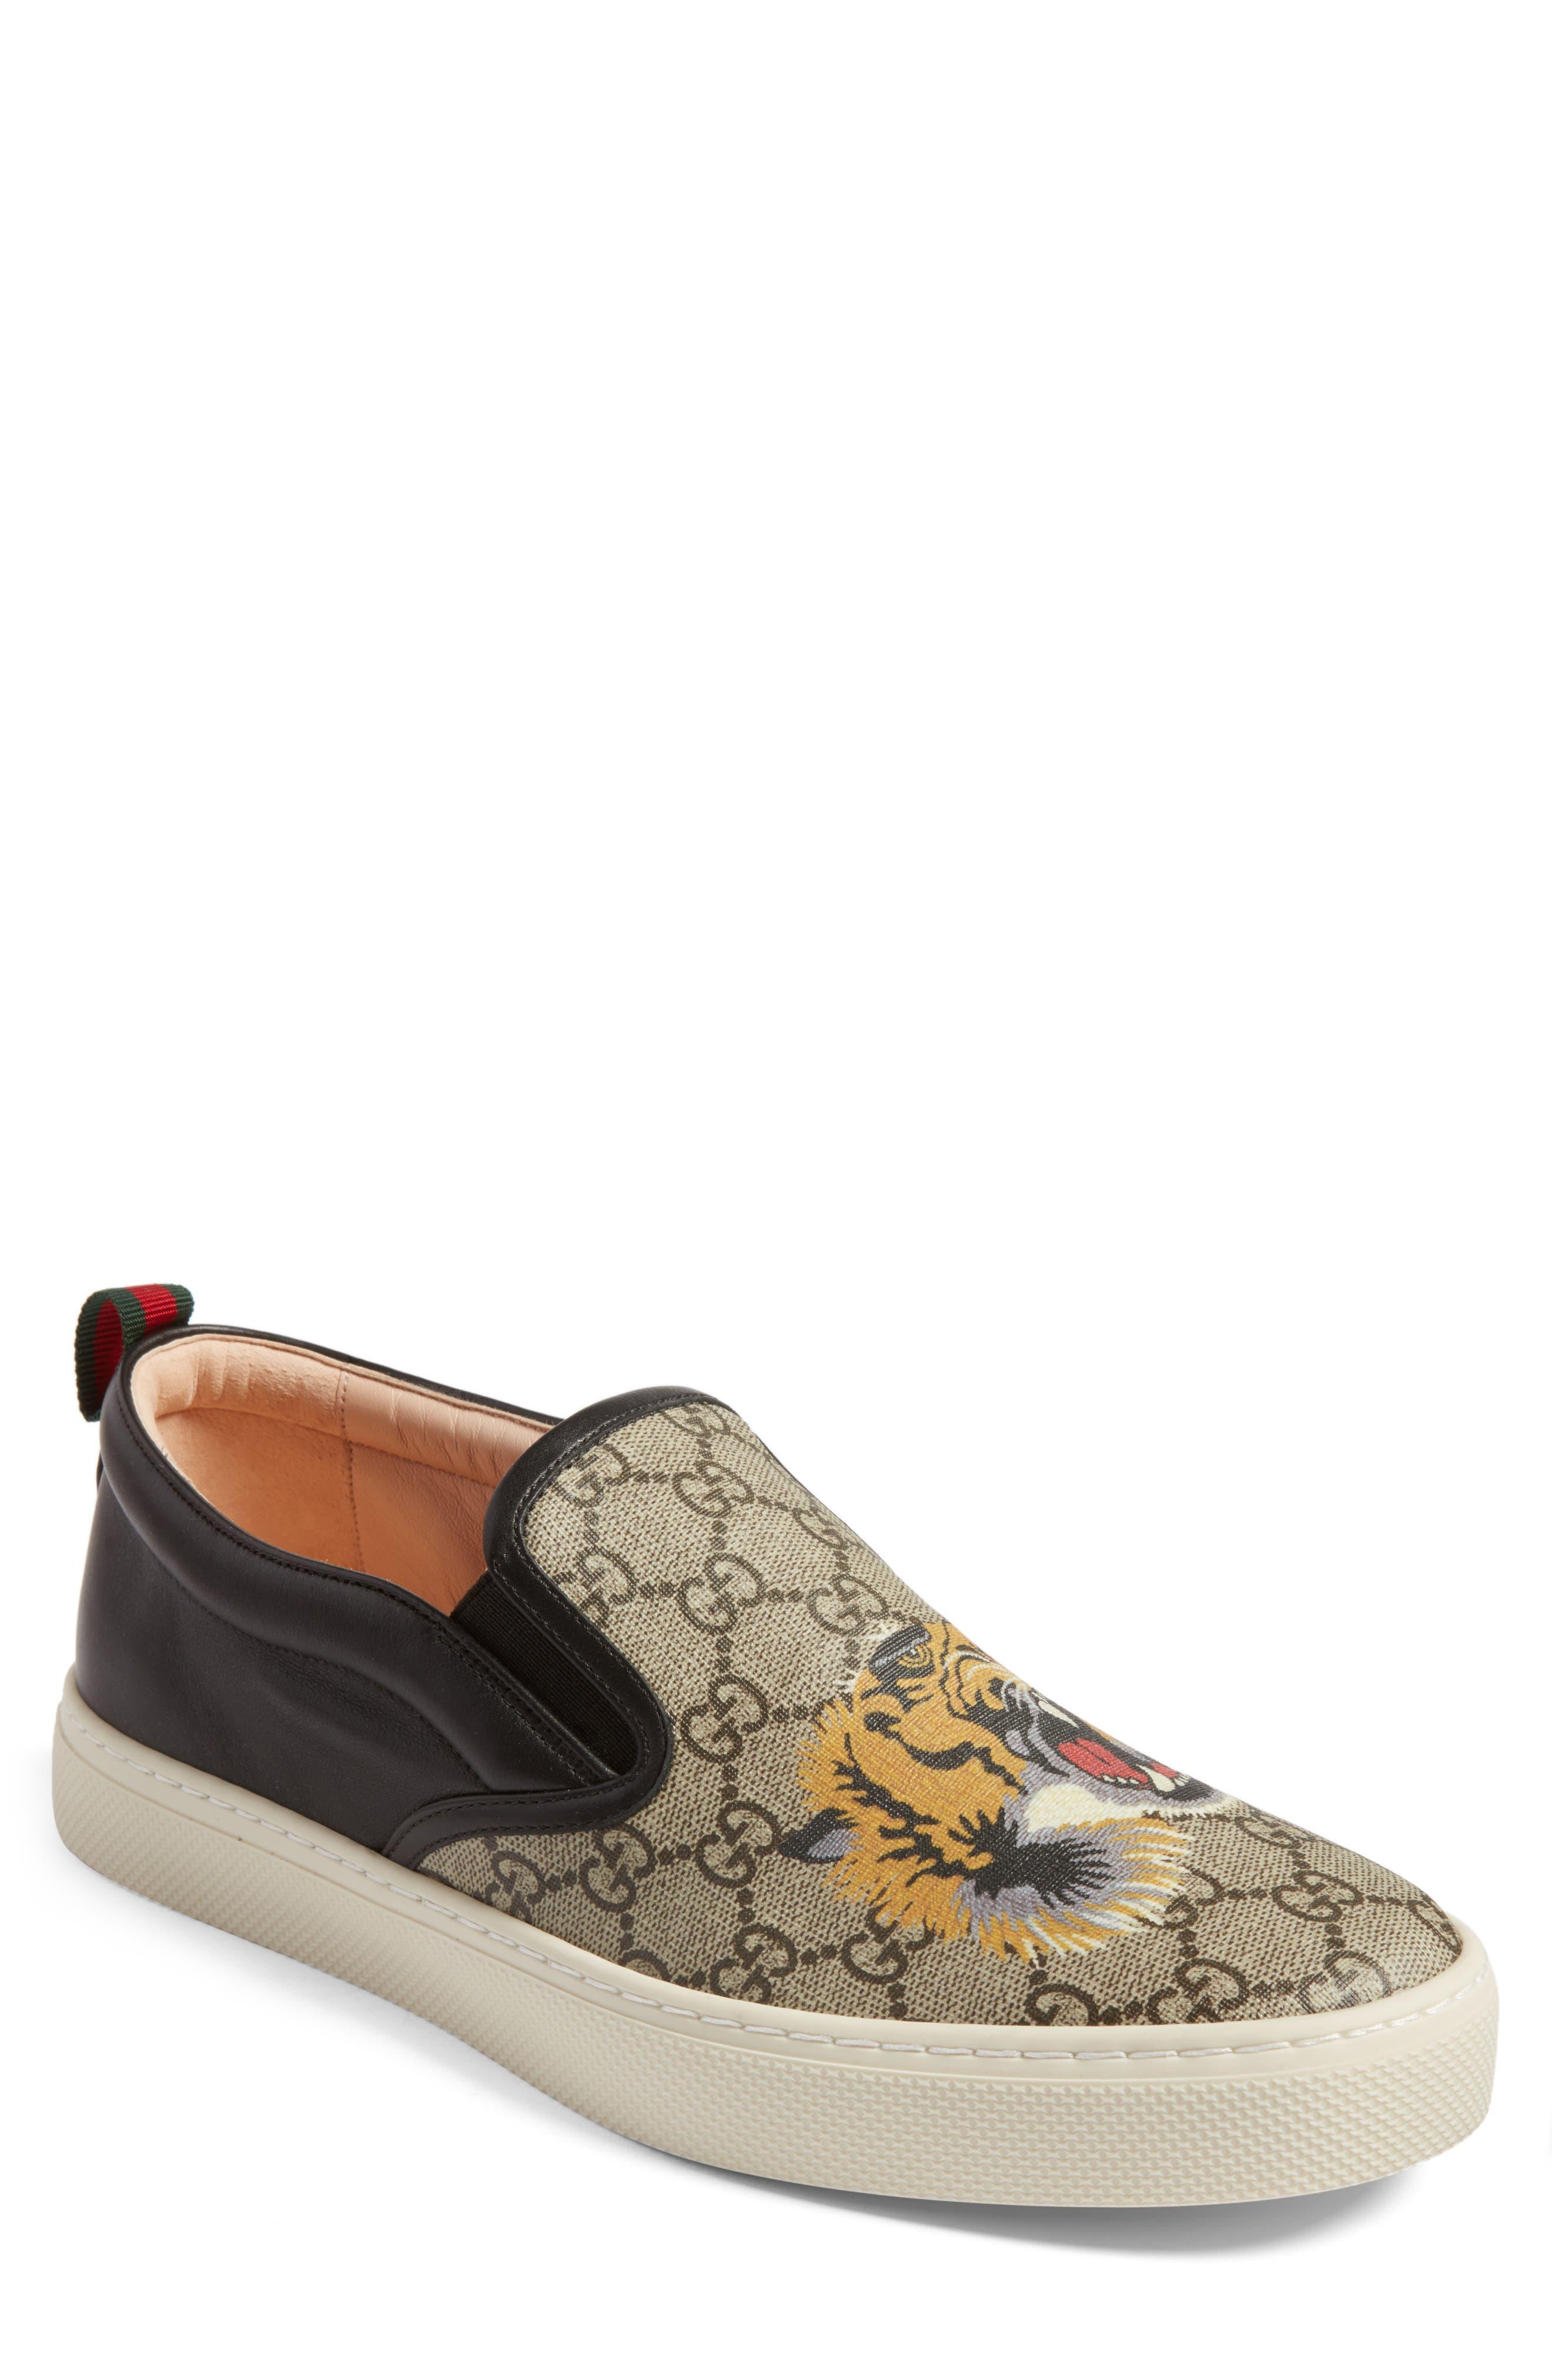 Gucci Dublin Slip-On Sneaker (Men)